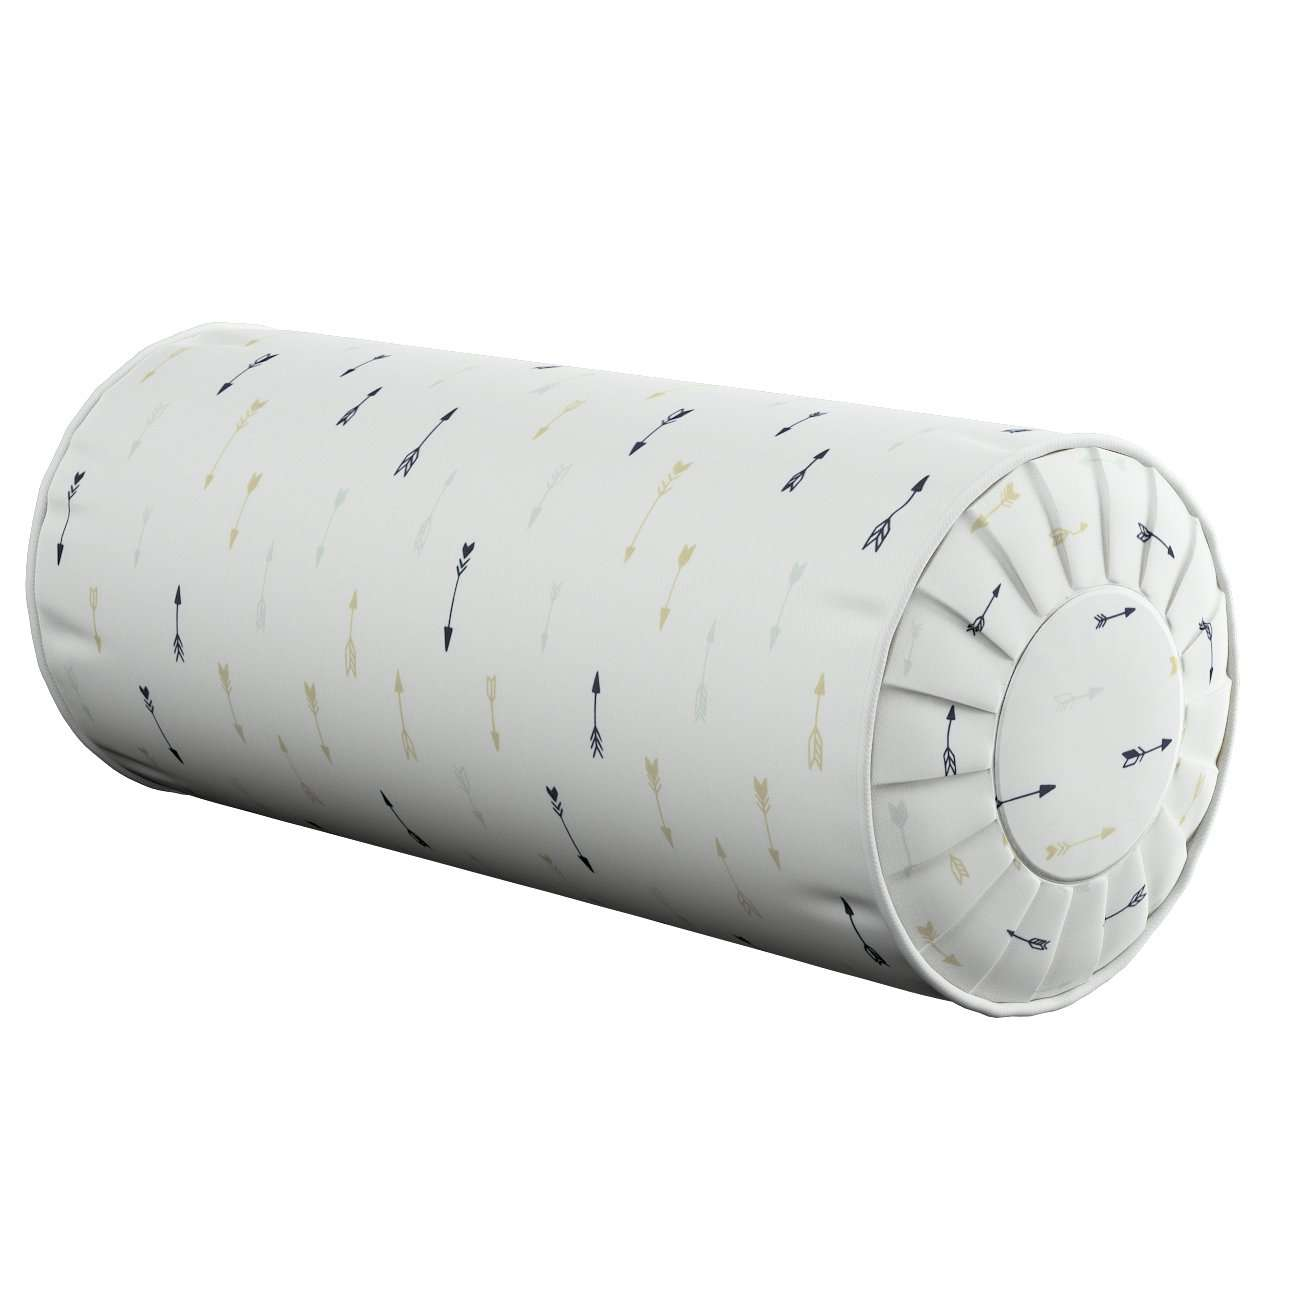 Nackenrolle mit Falten, weiß-schwarz-grau, Ø 20 × 50 cm, Adventure | Schlafzimmer > Kopfkissen > Nackenstützkissen & Nackenrollen | Dekoria